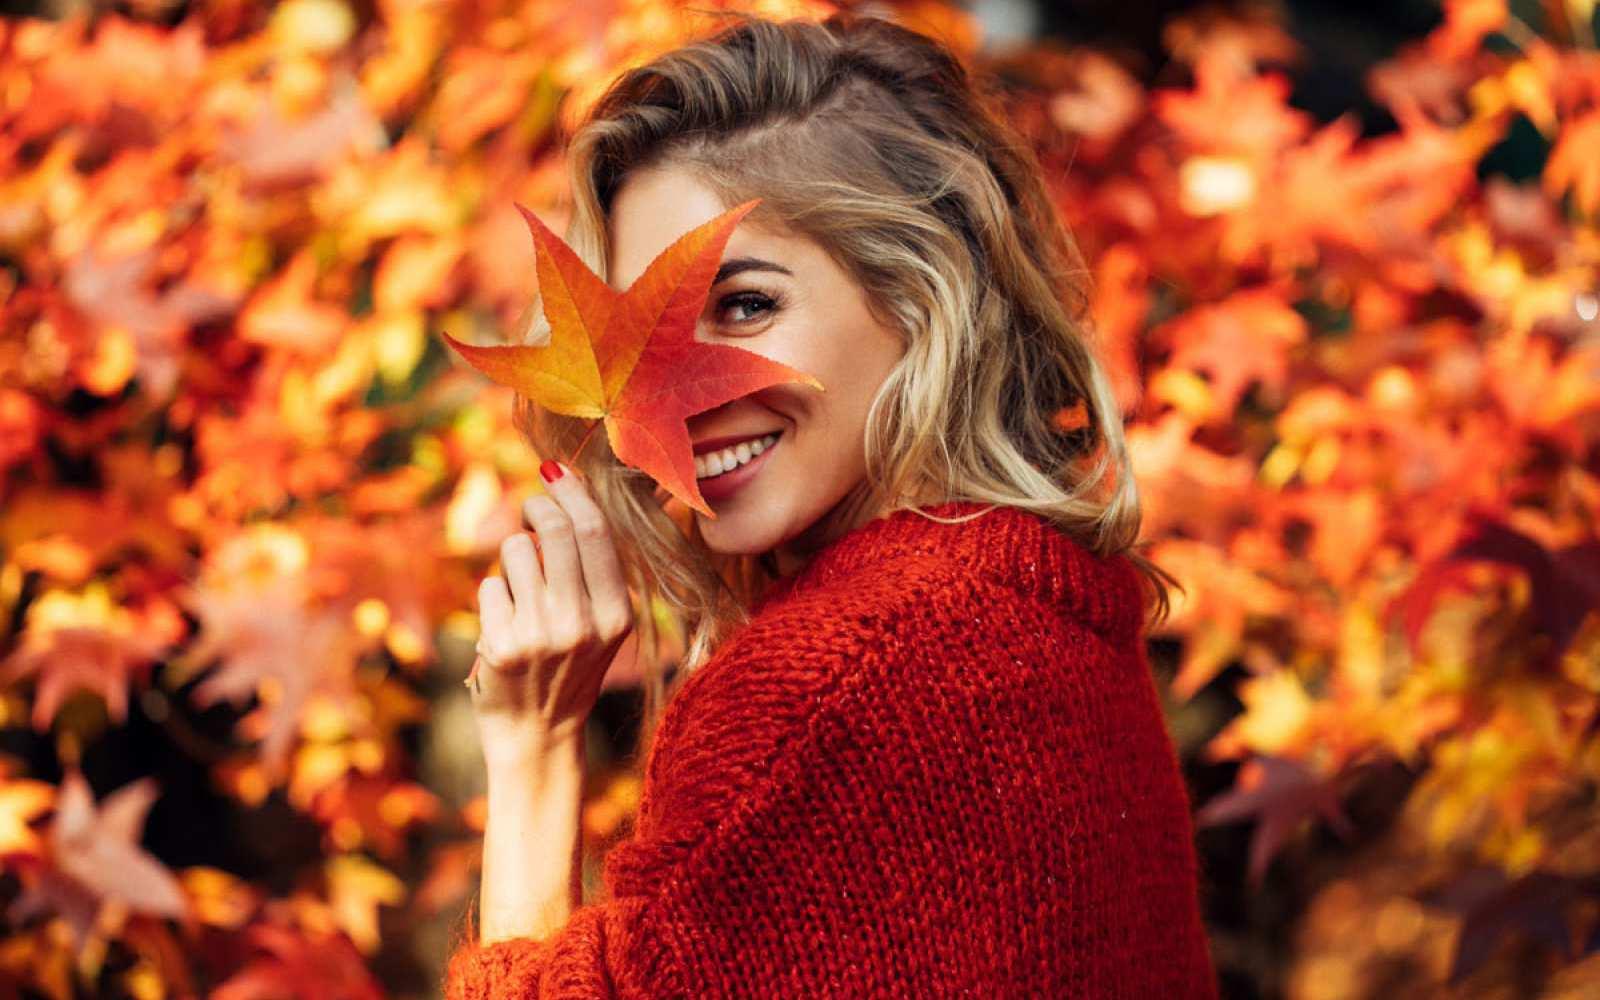 Der goldene Herbst ist zwar schön – allerdings auch eine Herausforderung für unsere Schönheit